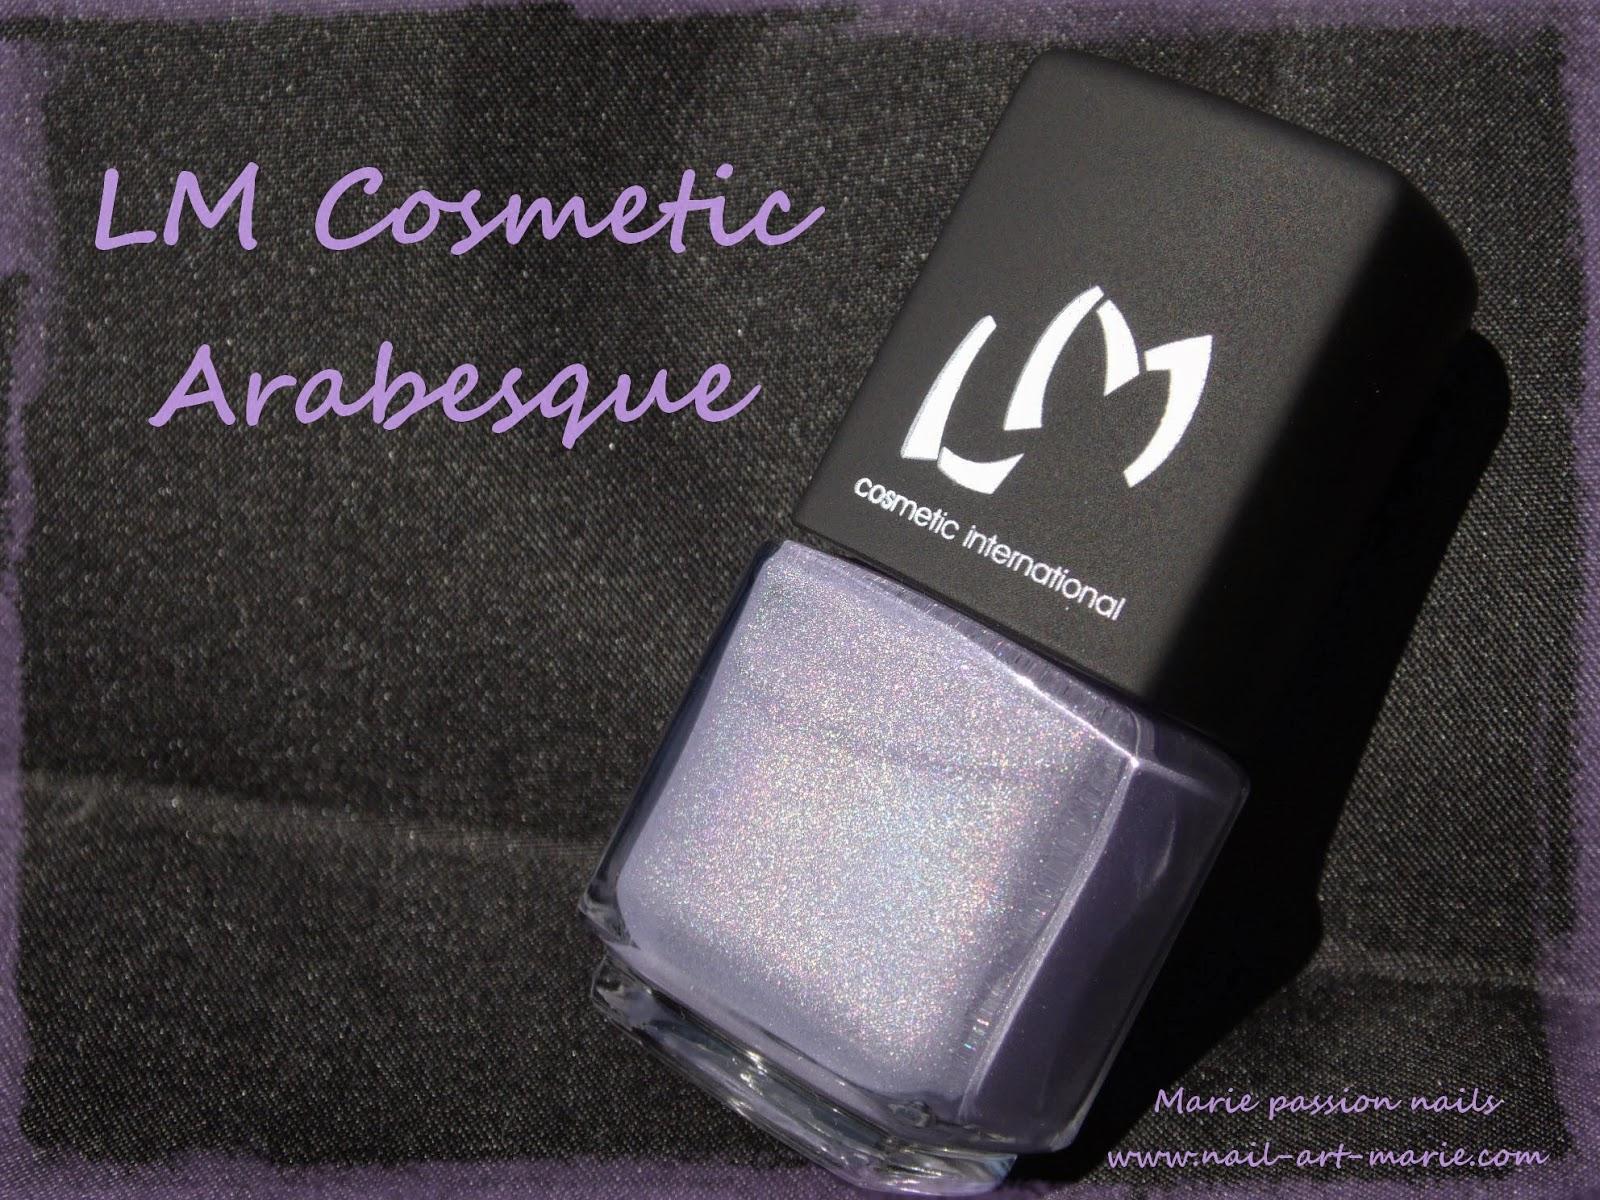 LM Cosmetic Arabesque1